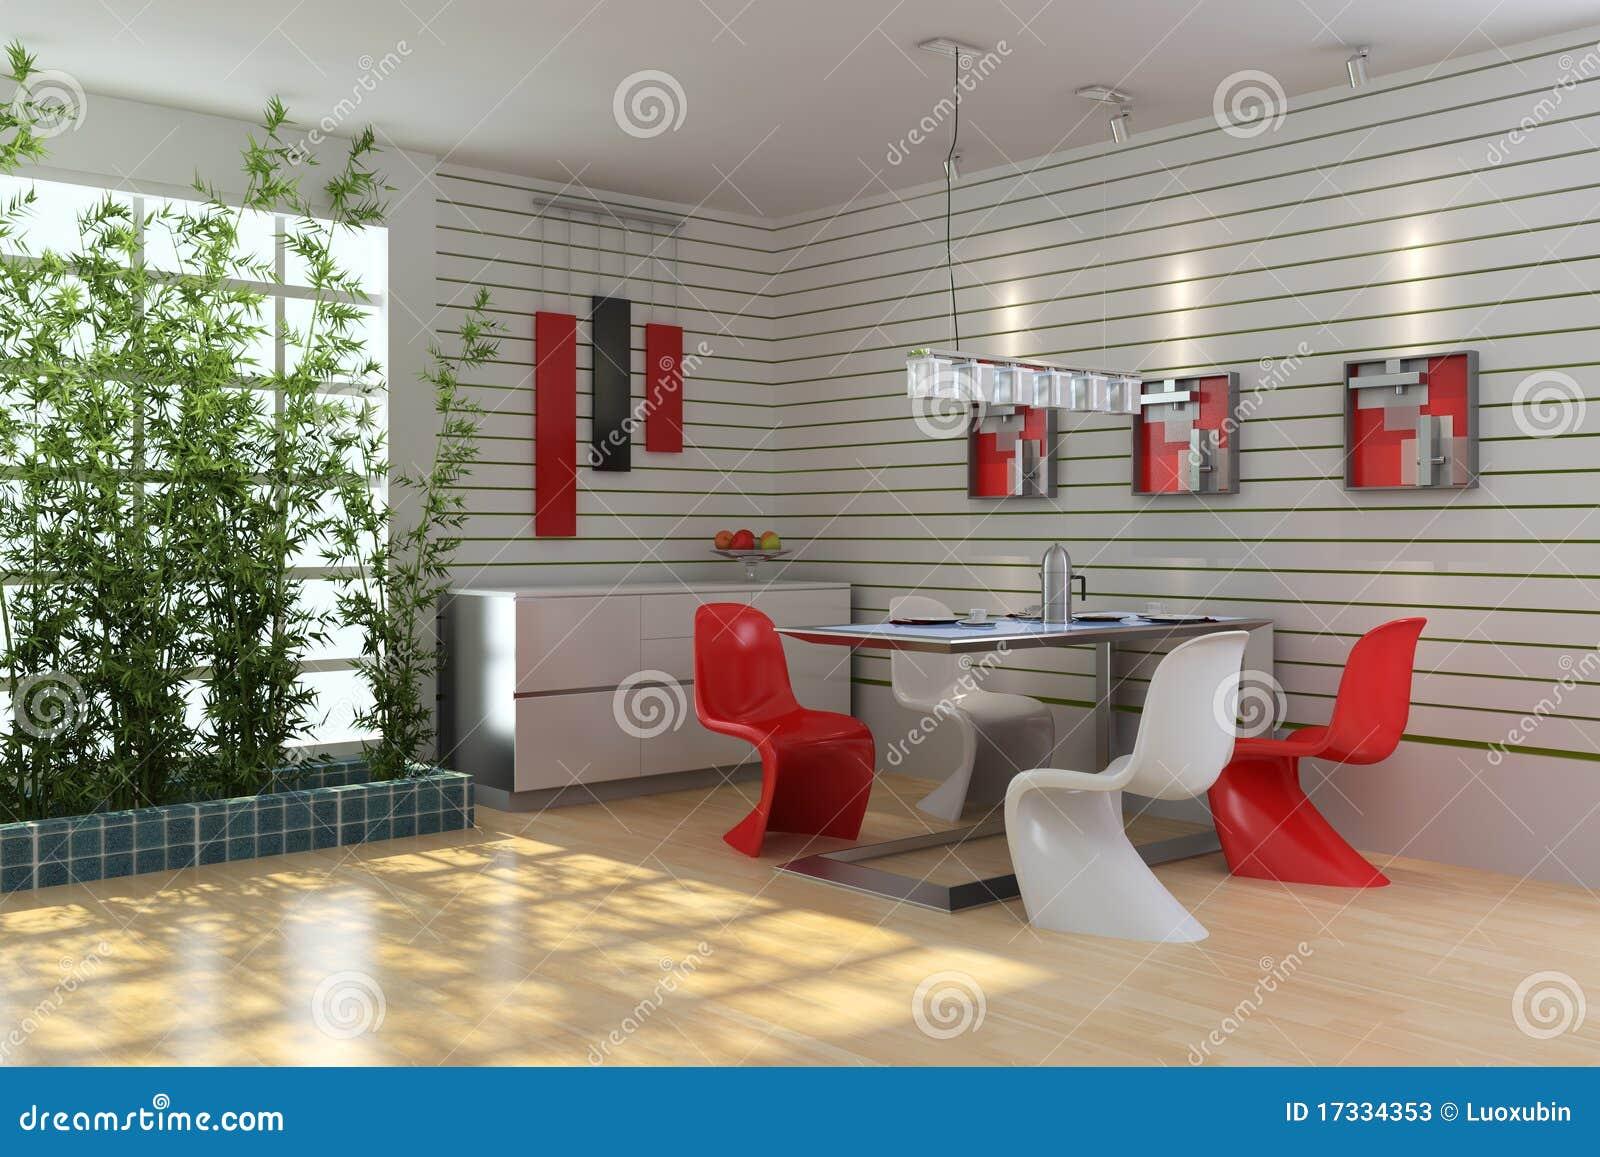 Idee wonen eetkamer vt - Eetkamer interieur decoratie ...